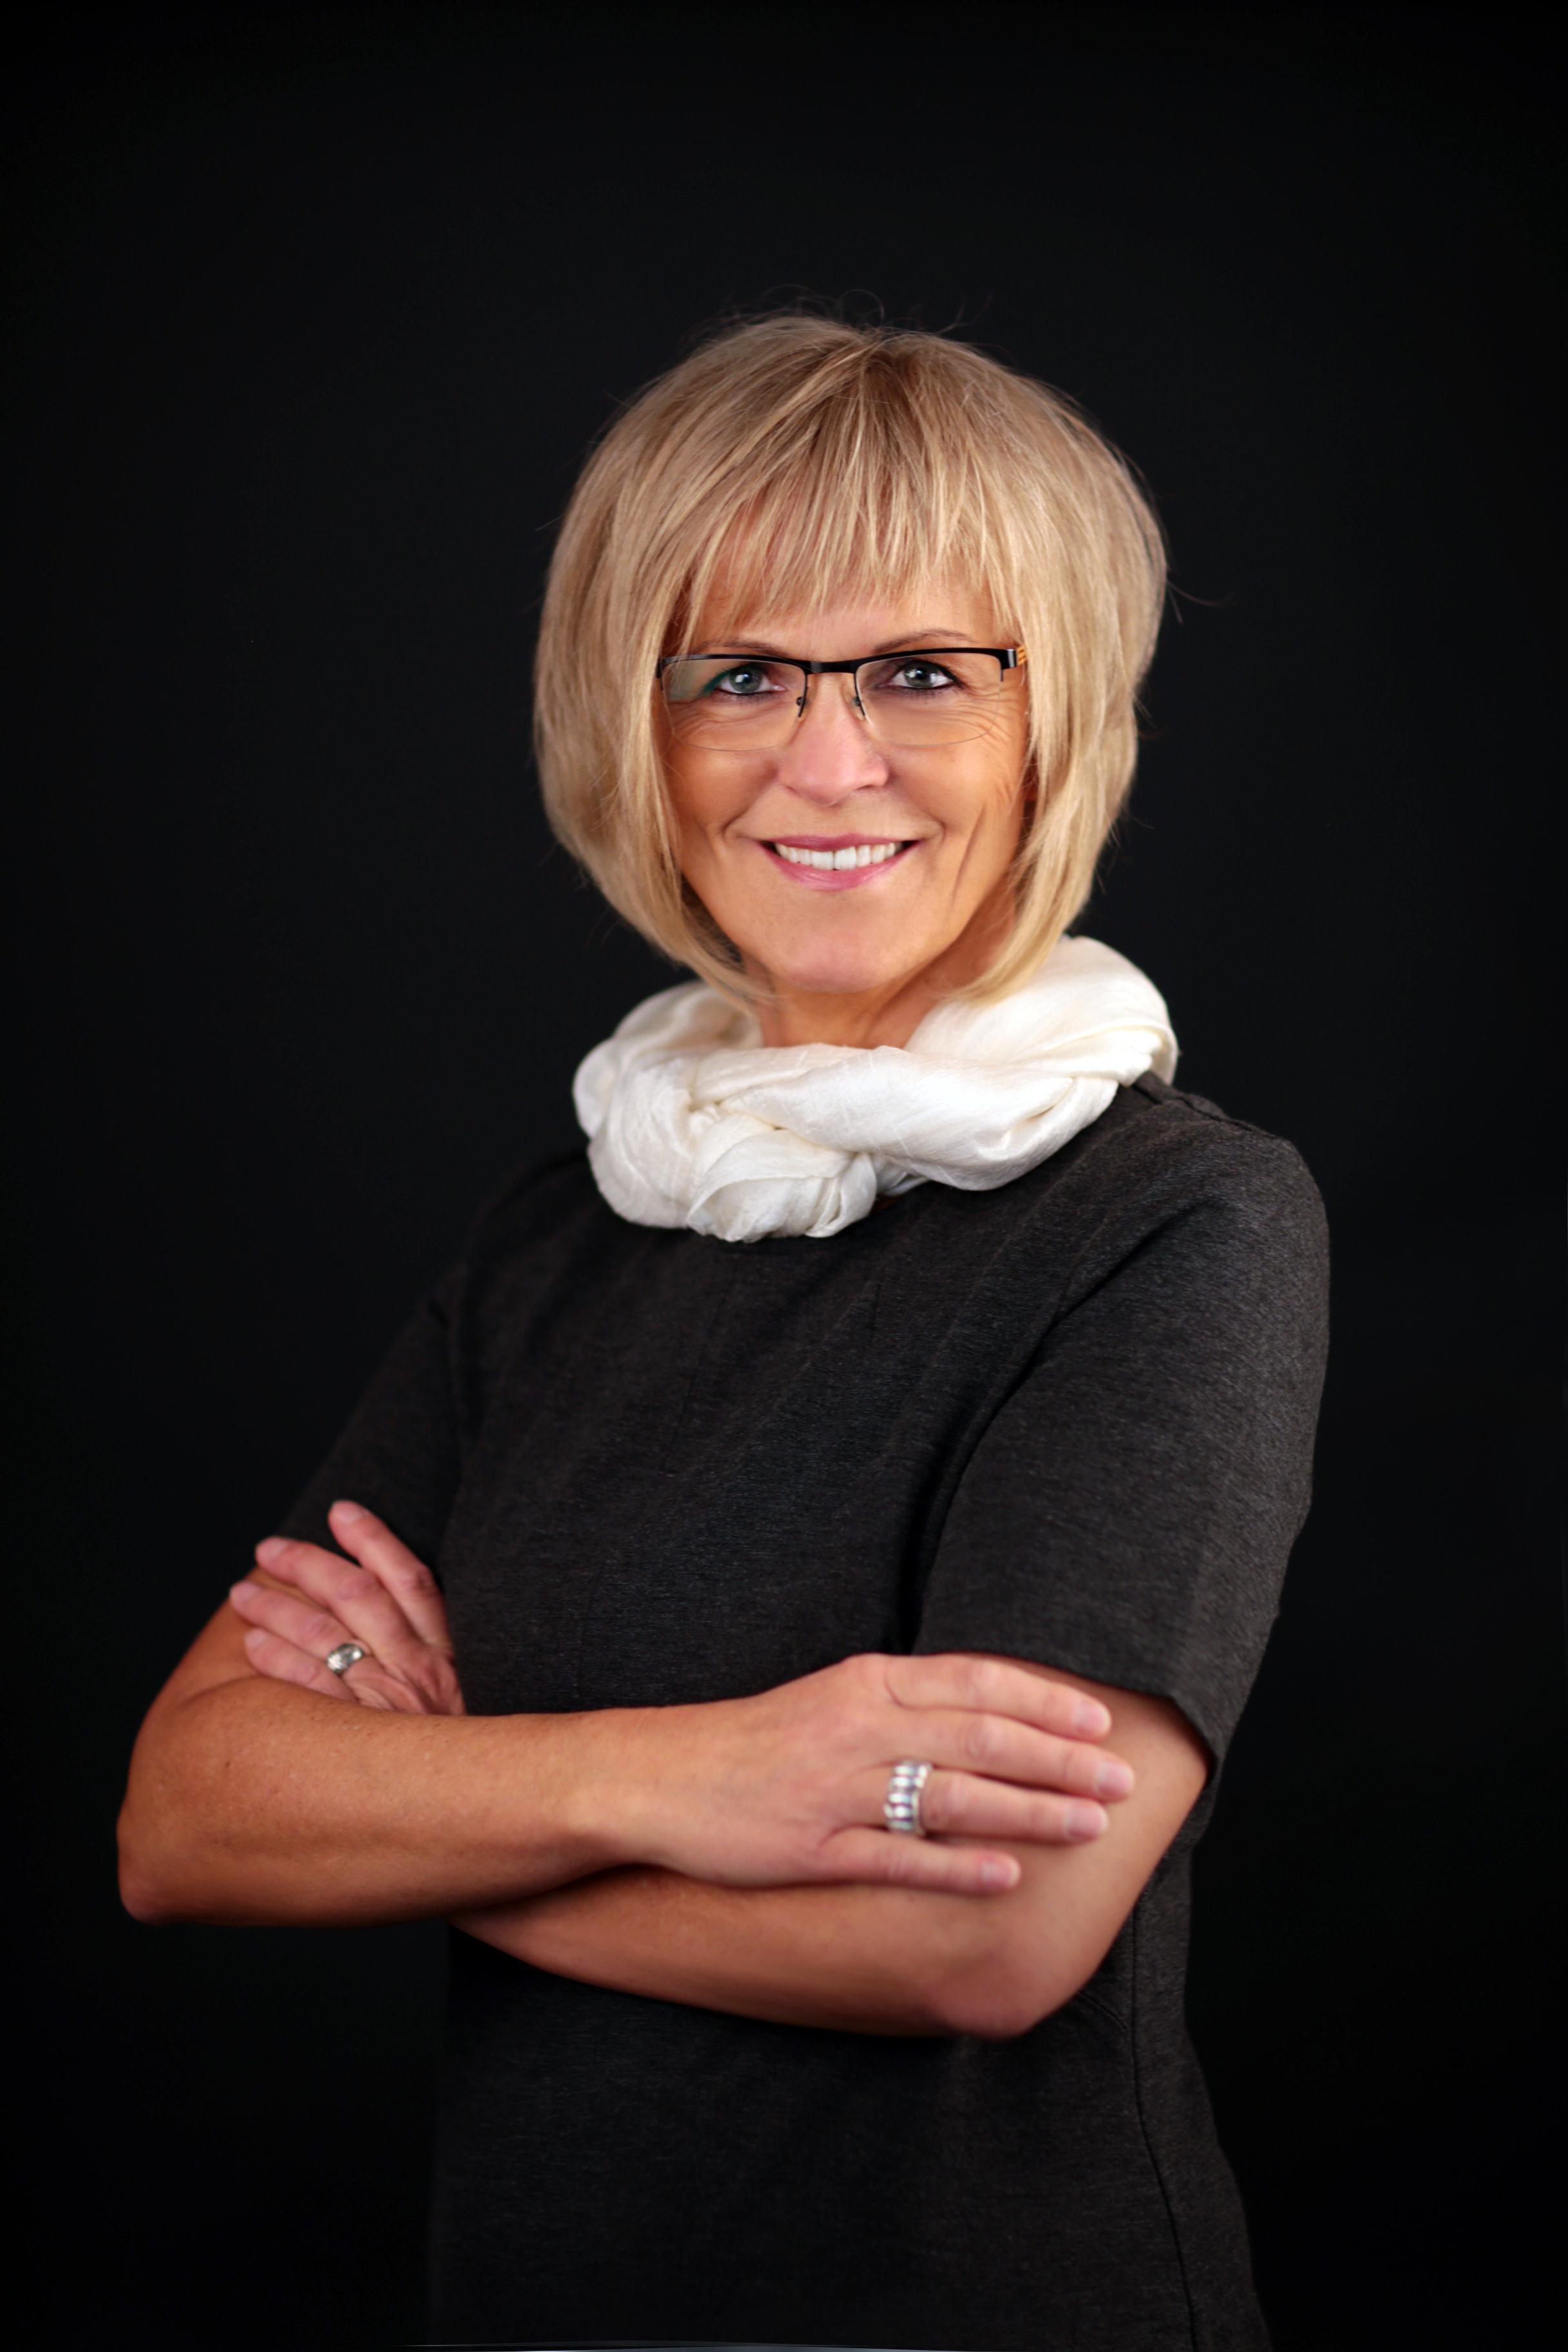 Andrea Schünemann